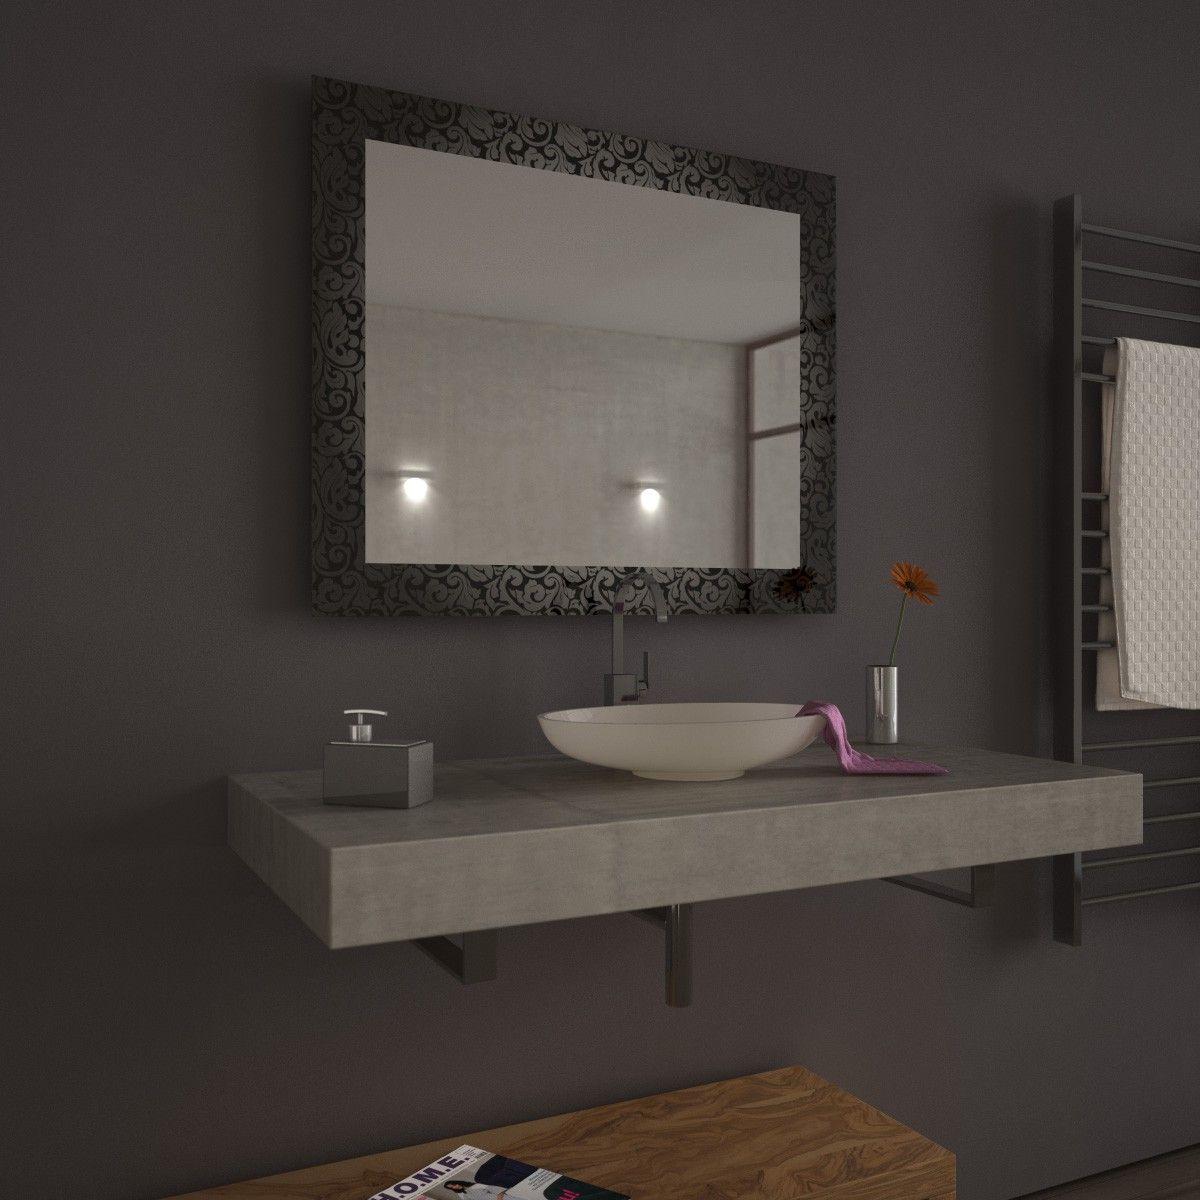 Effektspiegel Asort 160775008 Einrichtung Bathroom Lighting Mirror Und Decor